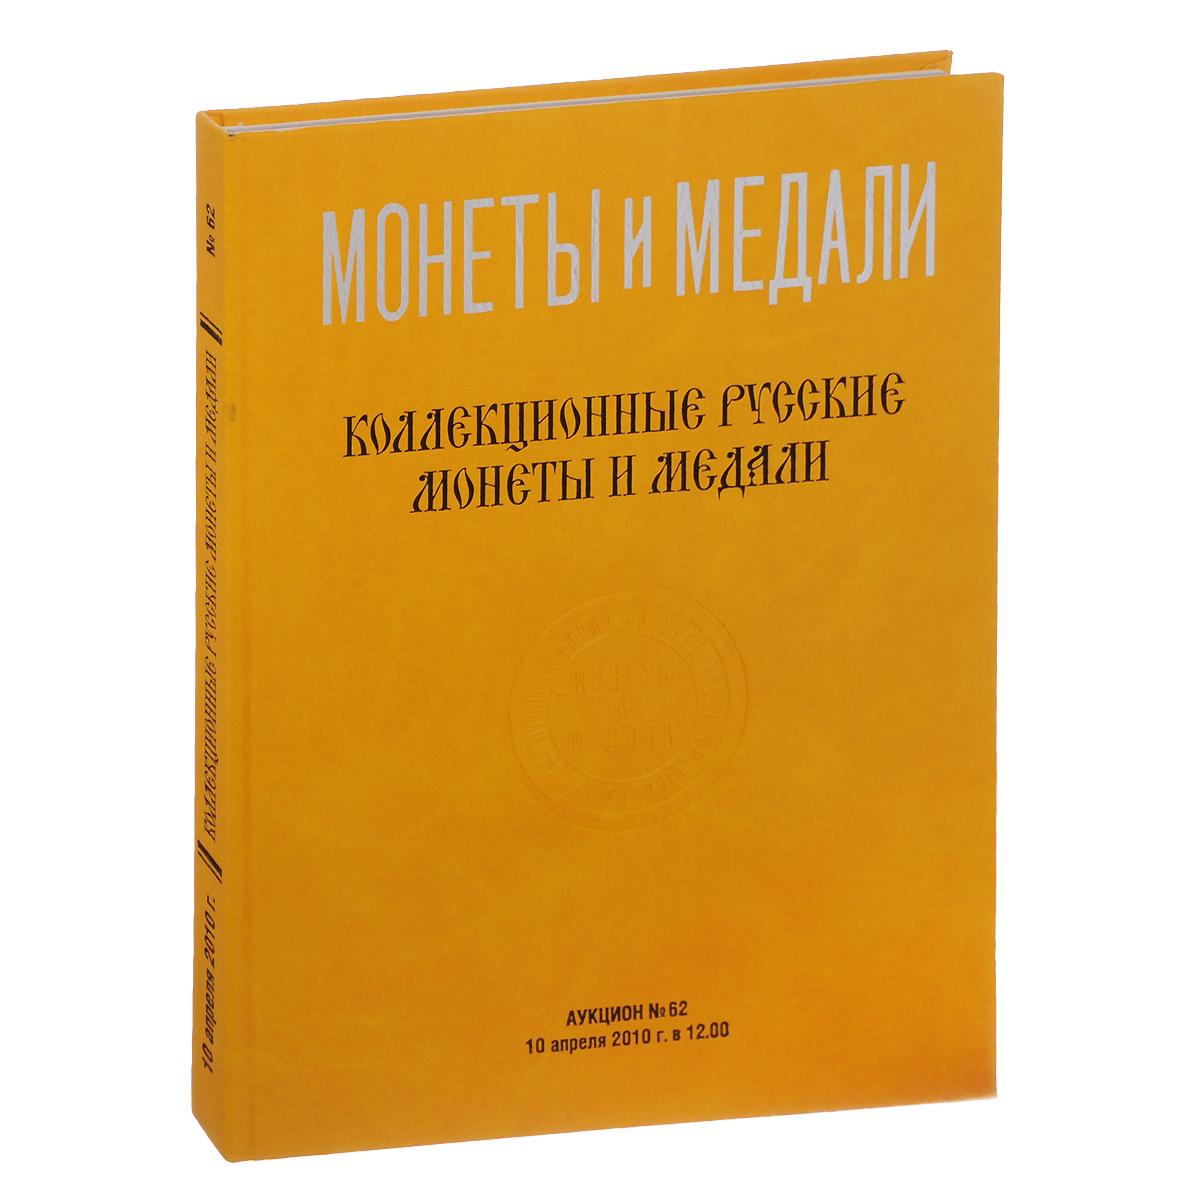 Аукцион №62. Коллекционные русские монеты и медали мебель цены пополам каталог с ценами